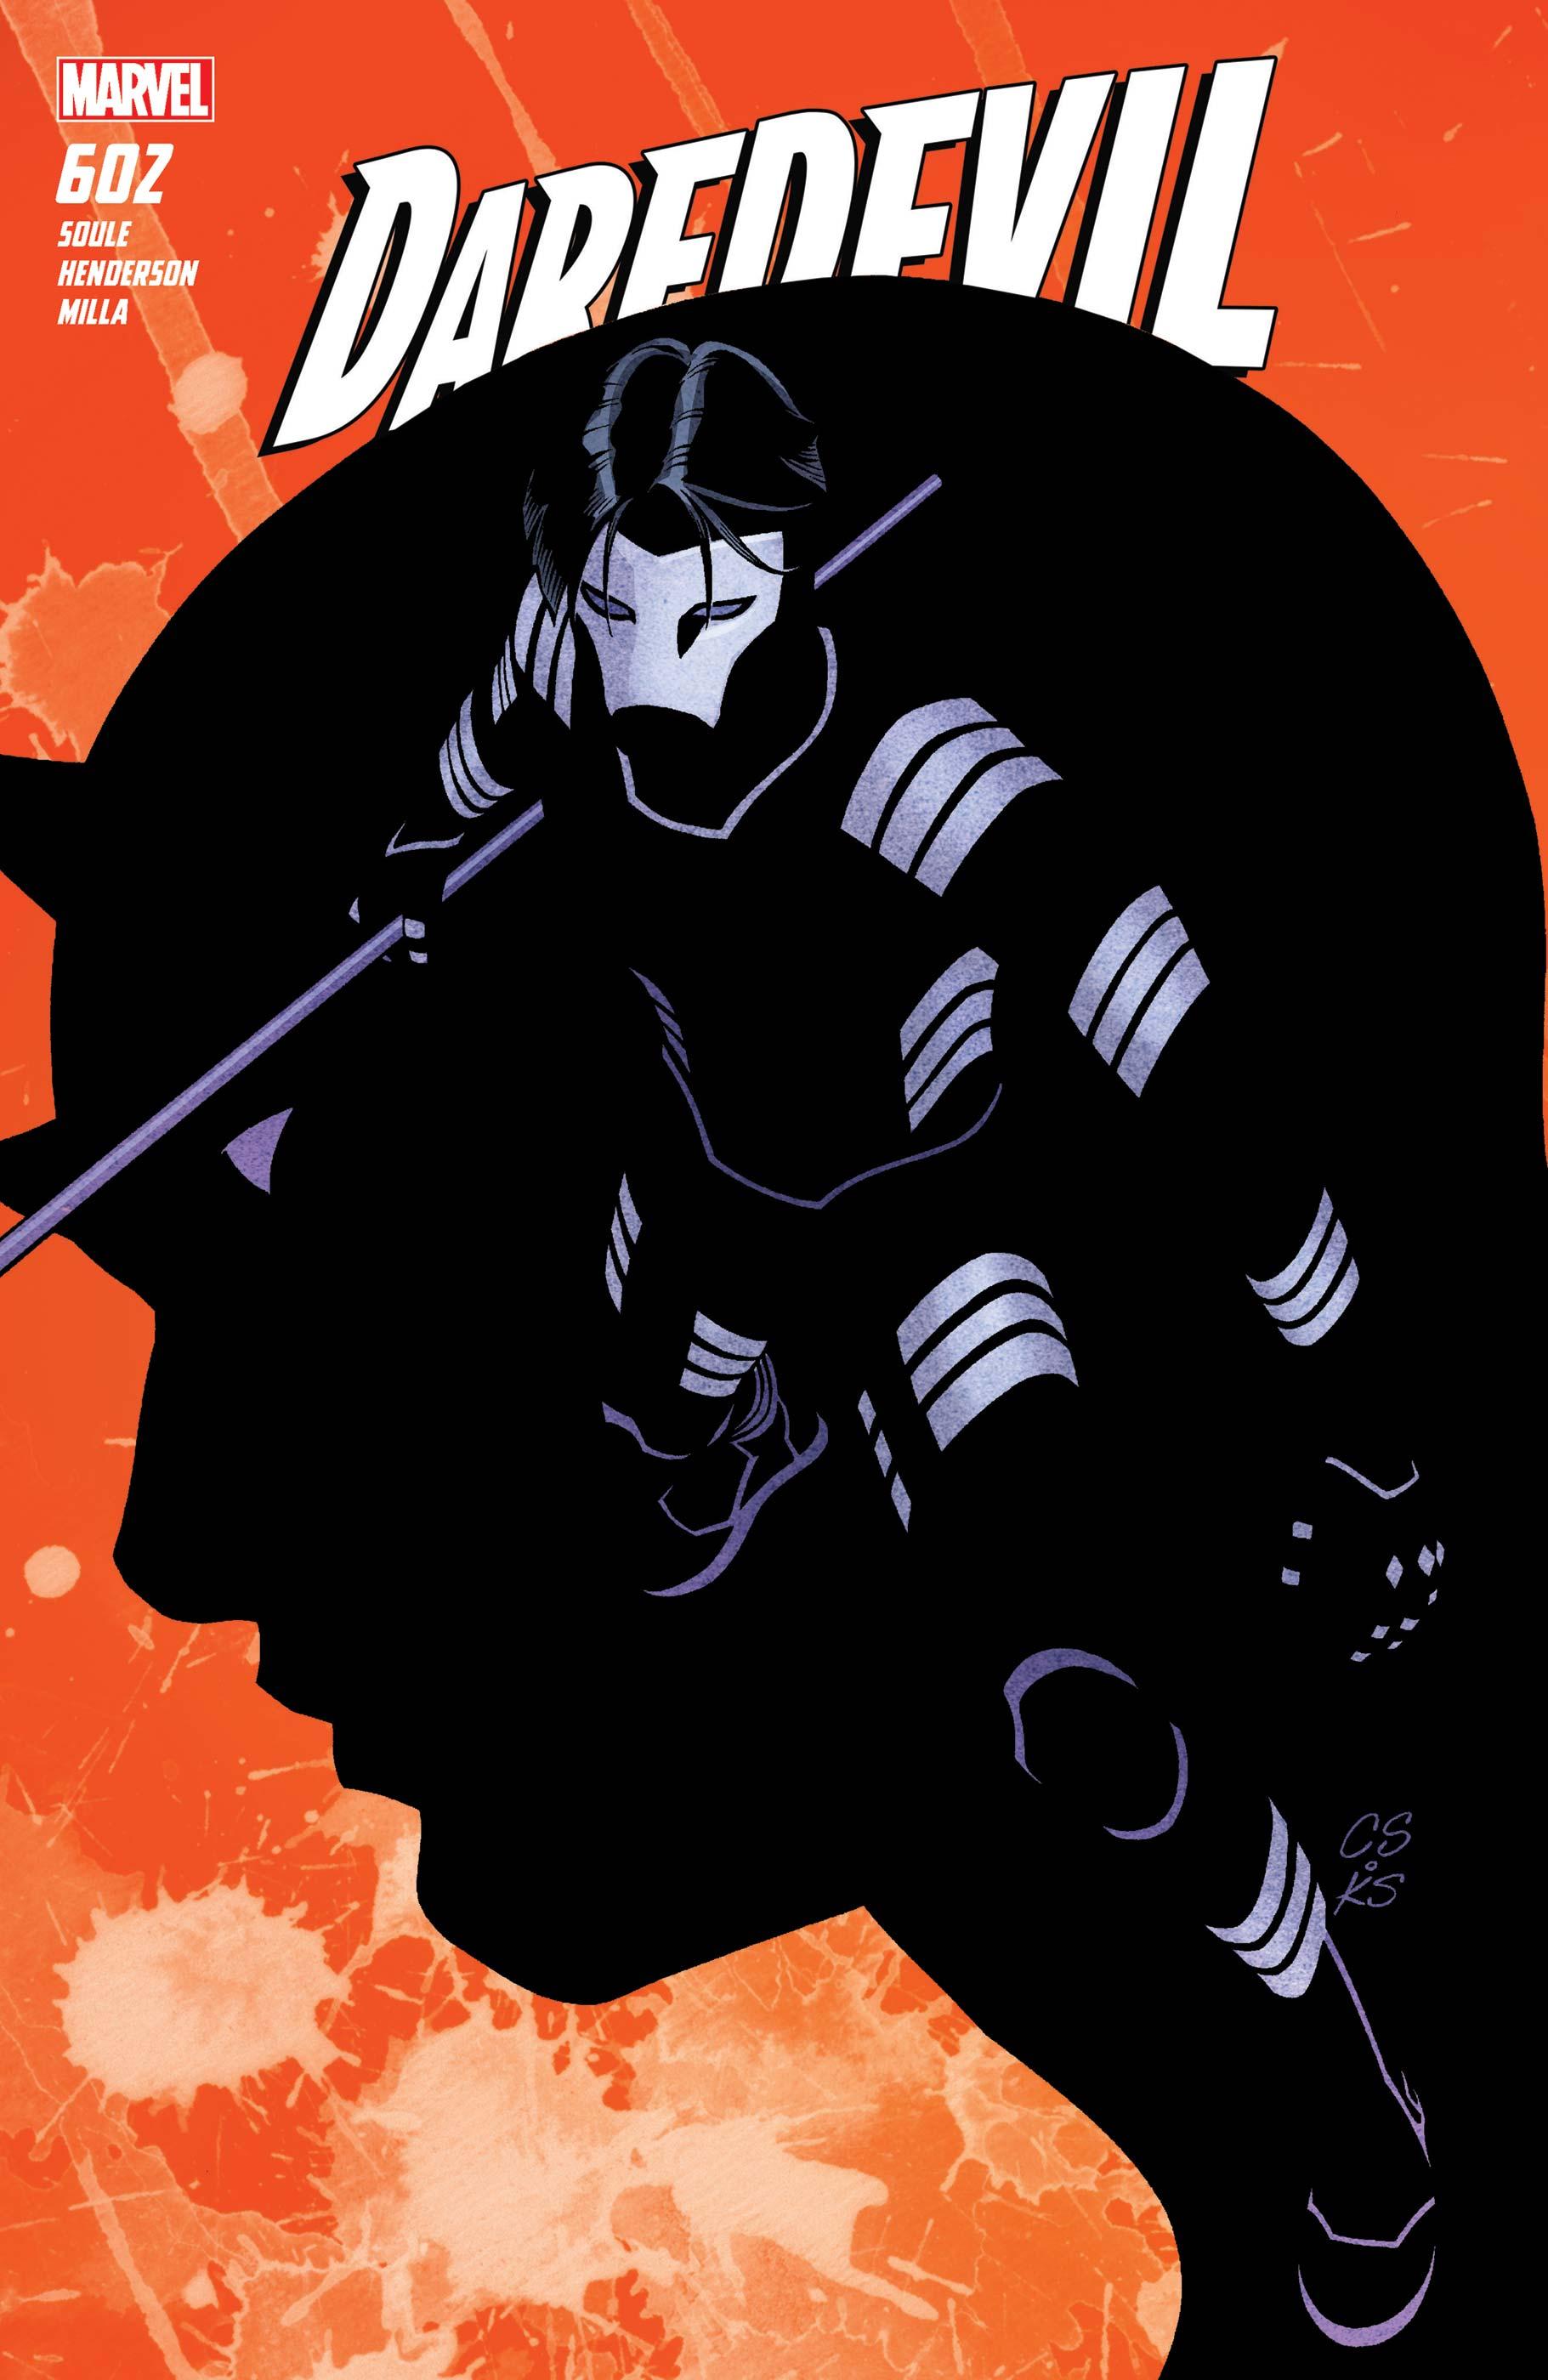 Daredevil (2015) #602